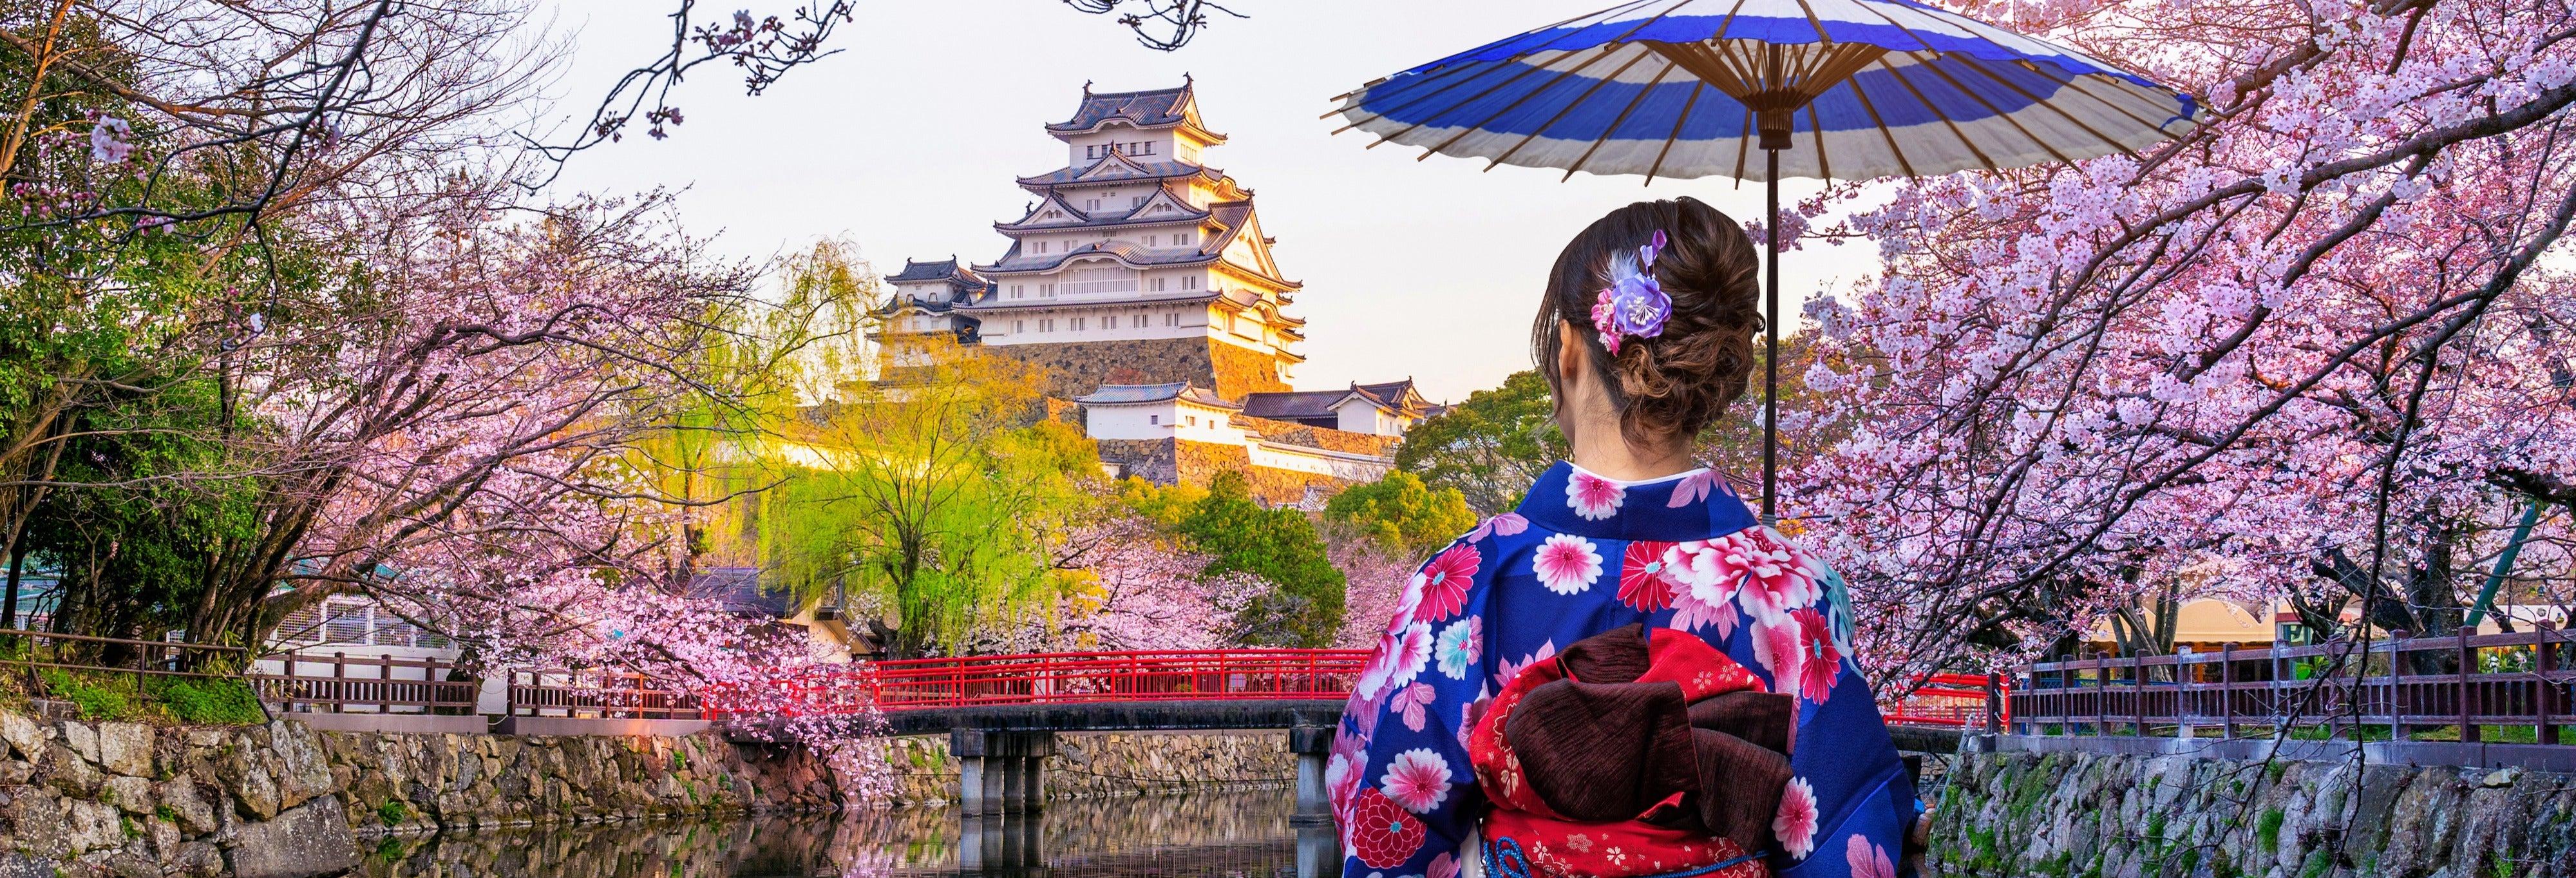 Visita guiada por el Castillo de Himeji